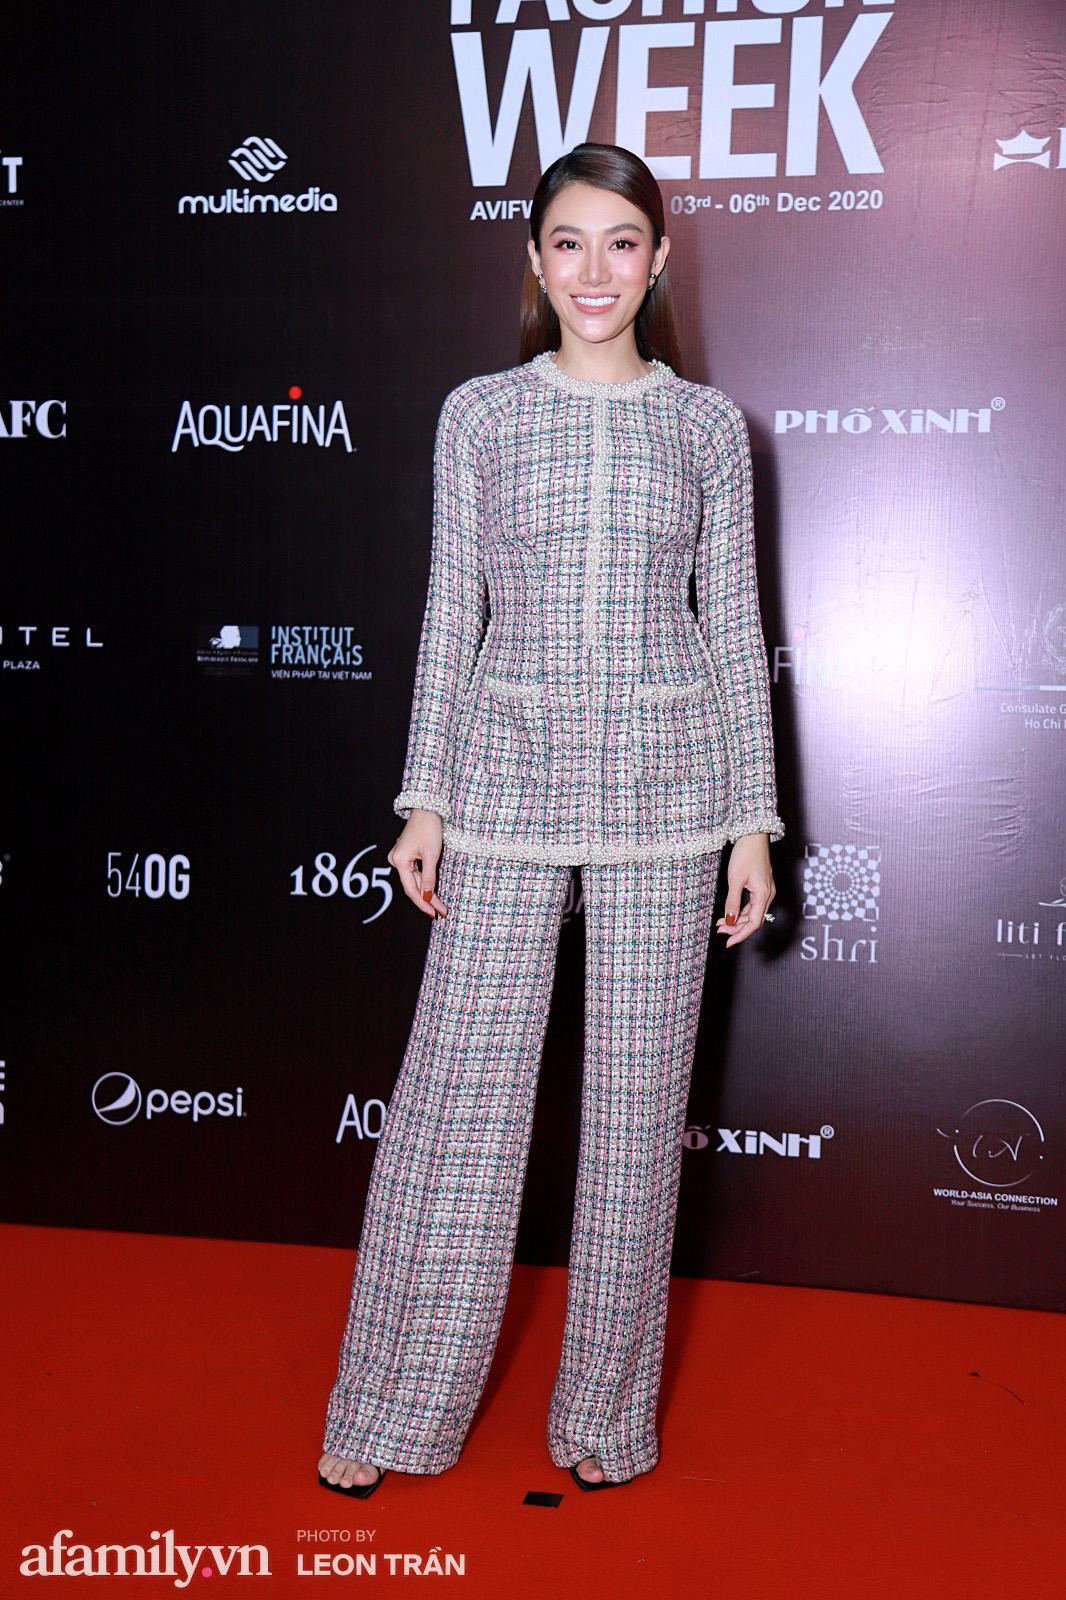 Thảm đỏ Aquafina Vietnam International Fashion Week 2020 ngày 3: Nhã Phương trẻ xinh trong bộ ren trắng, Diệu Nhi nhìn khác lạ trong bộ áo dài cách tân  - Ảnh 8.